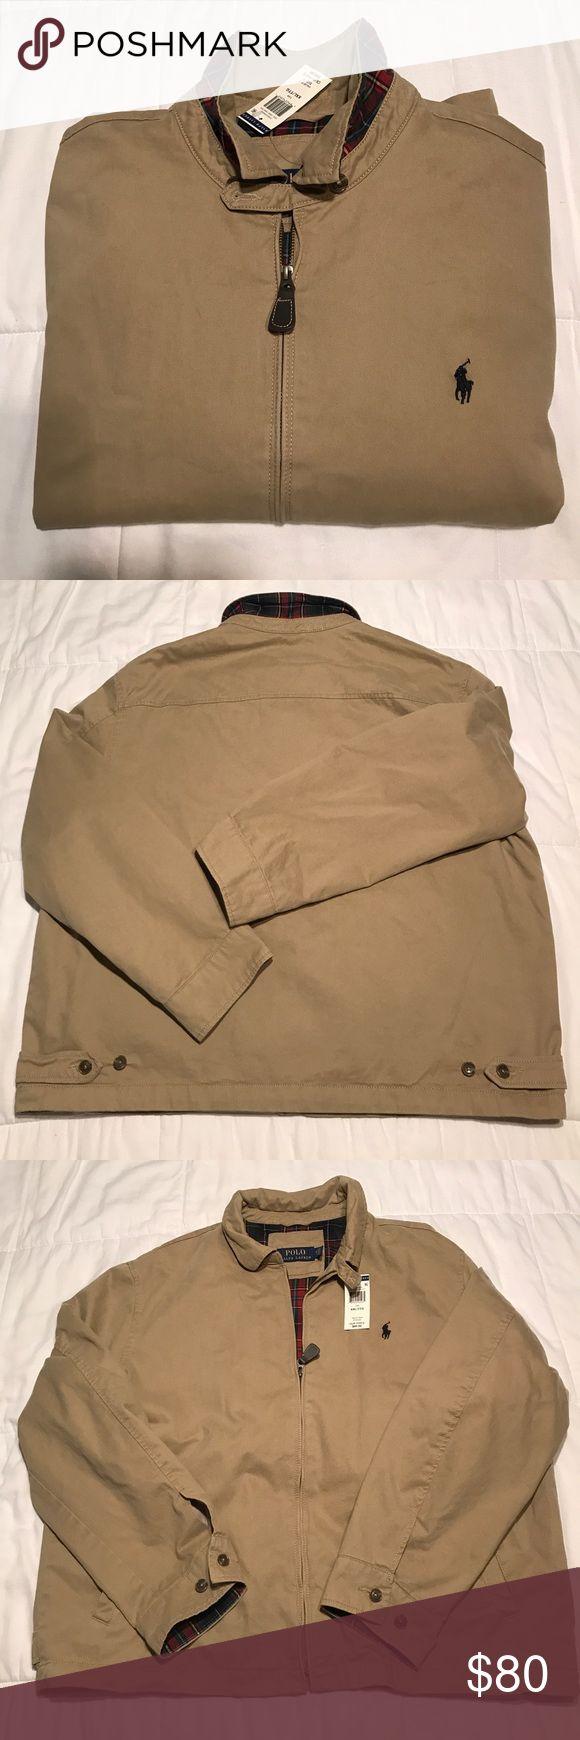 Polo Ralph Lauren Men's jacket Polo Ralph Lauren Men's jacket. Brand new. Size XXL but will fit XL. Polo by Ralph Lauren Jackets & Coats